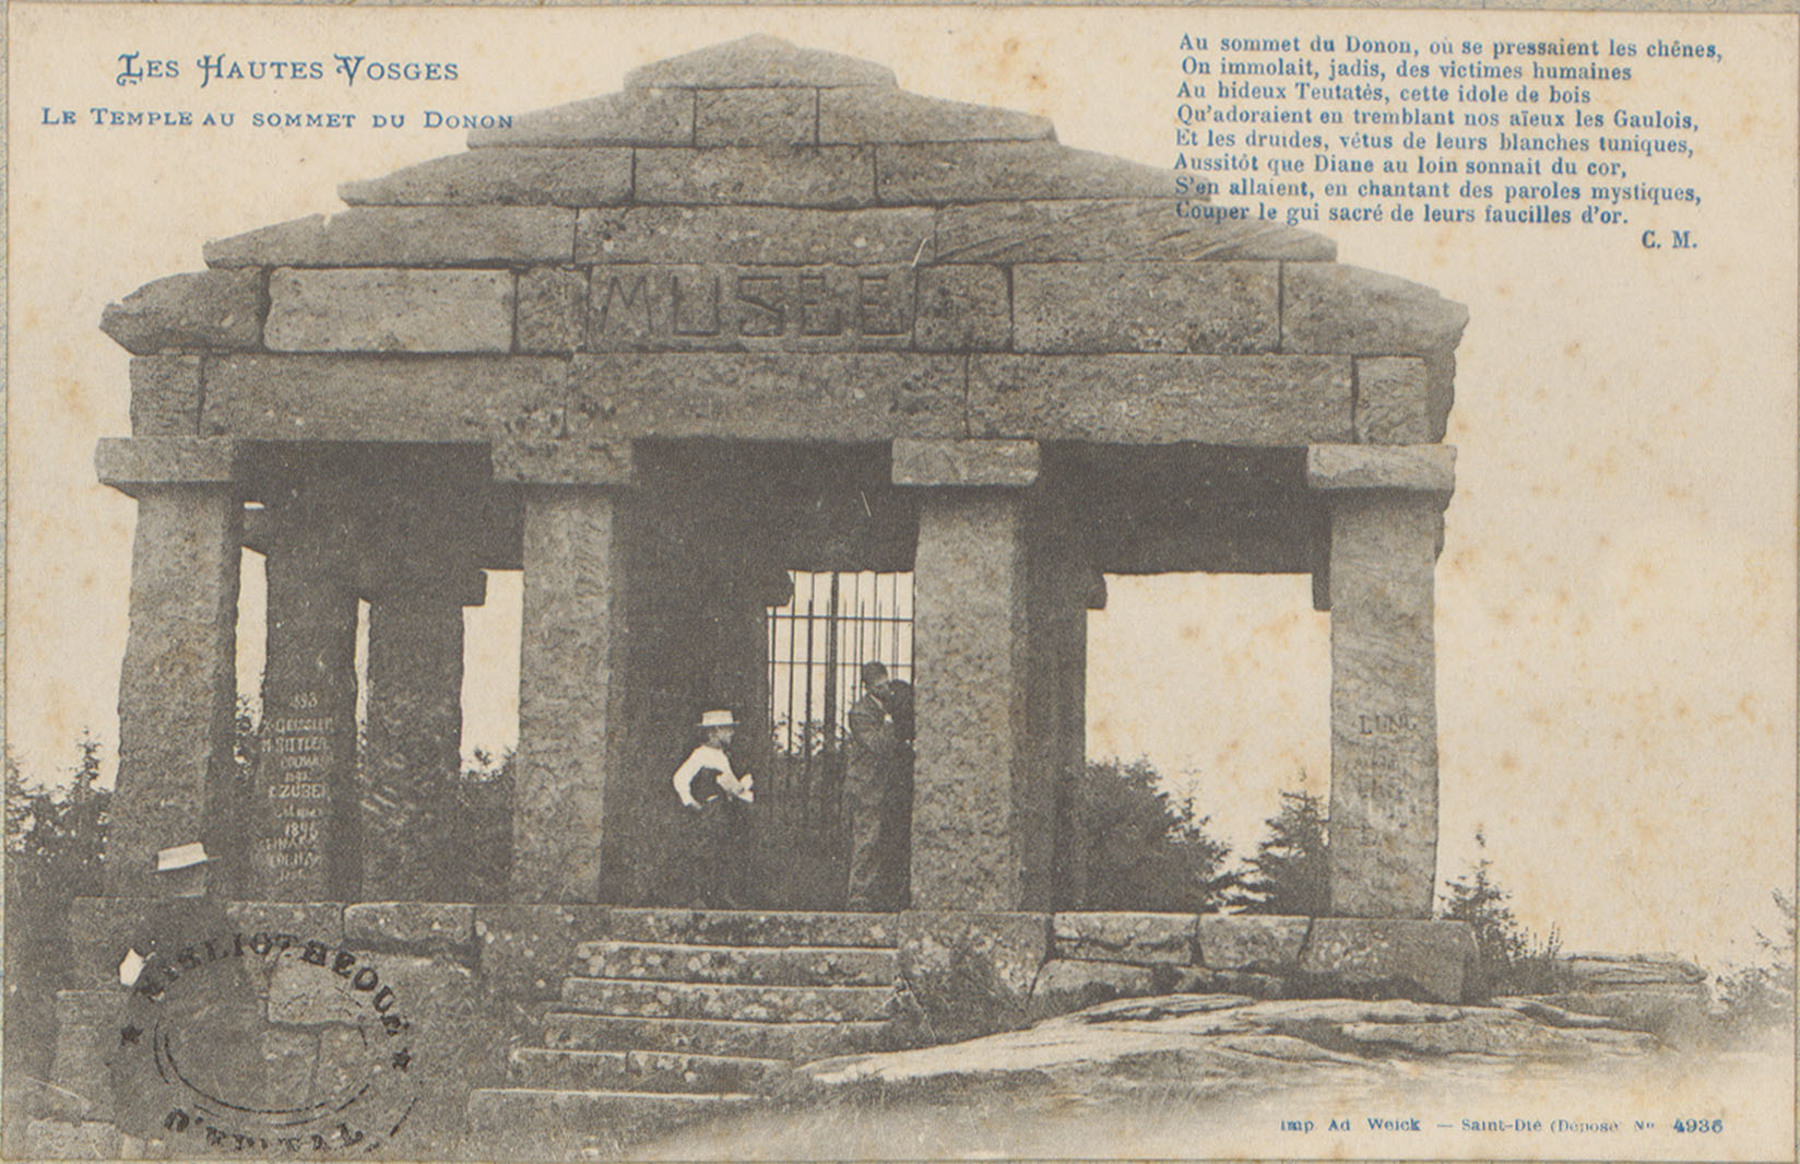 Contenu du Le Temple au sommet du Donon